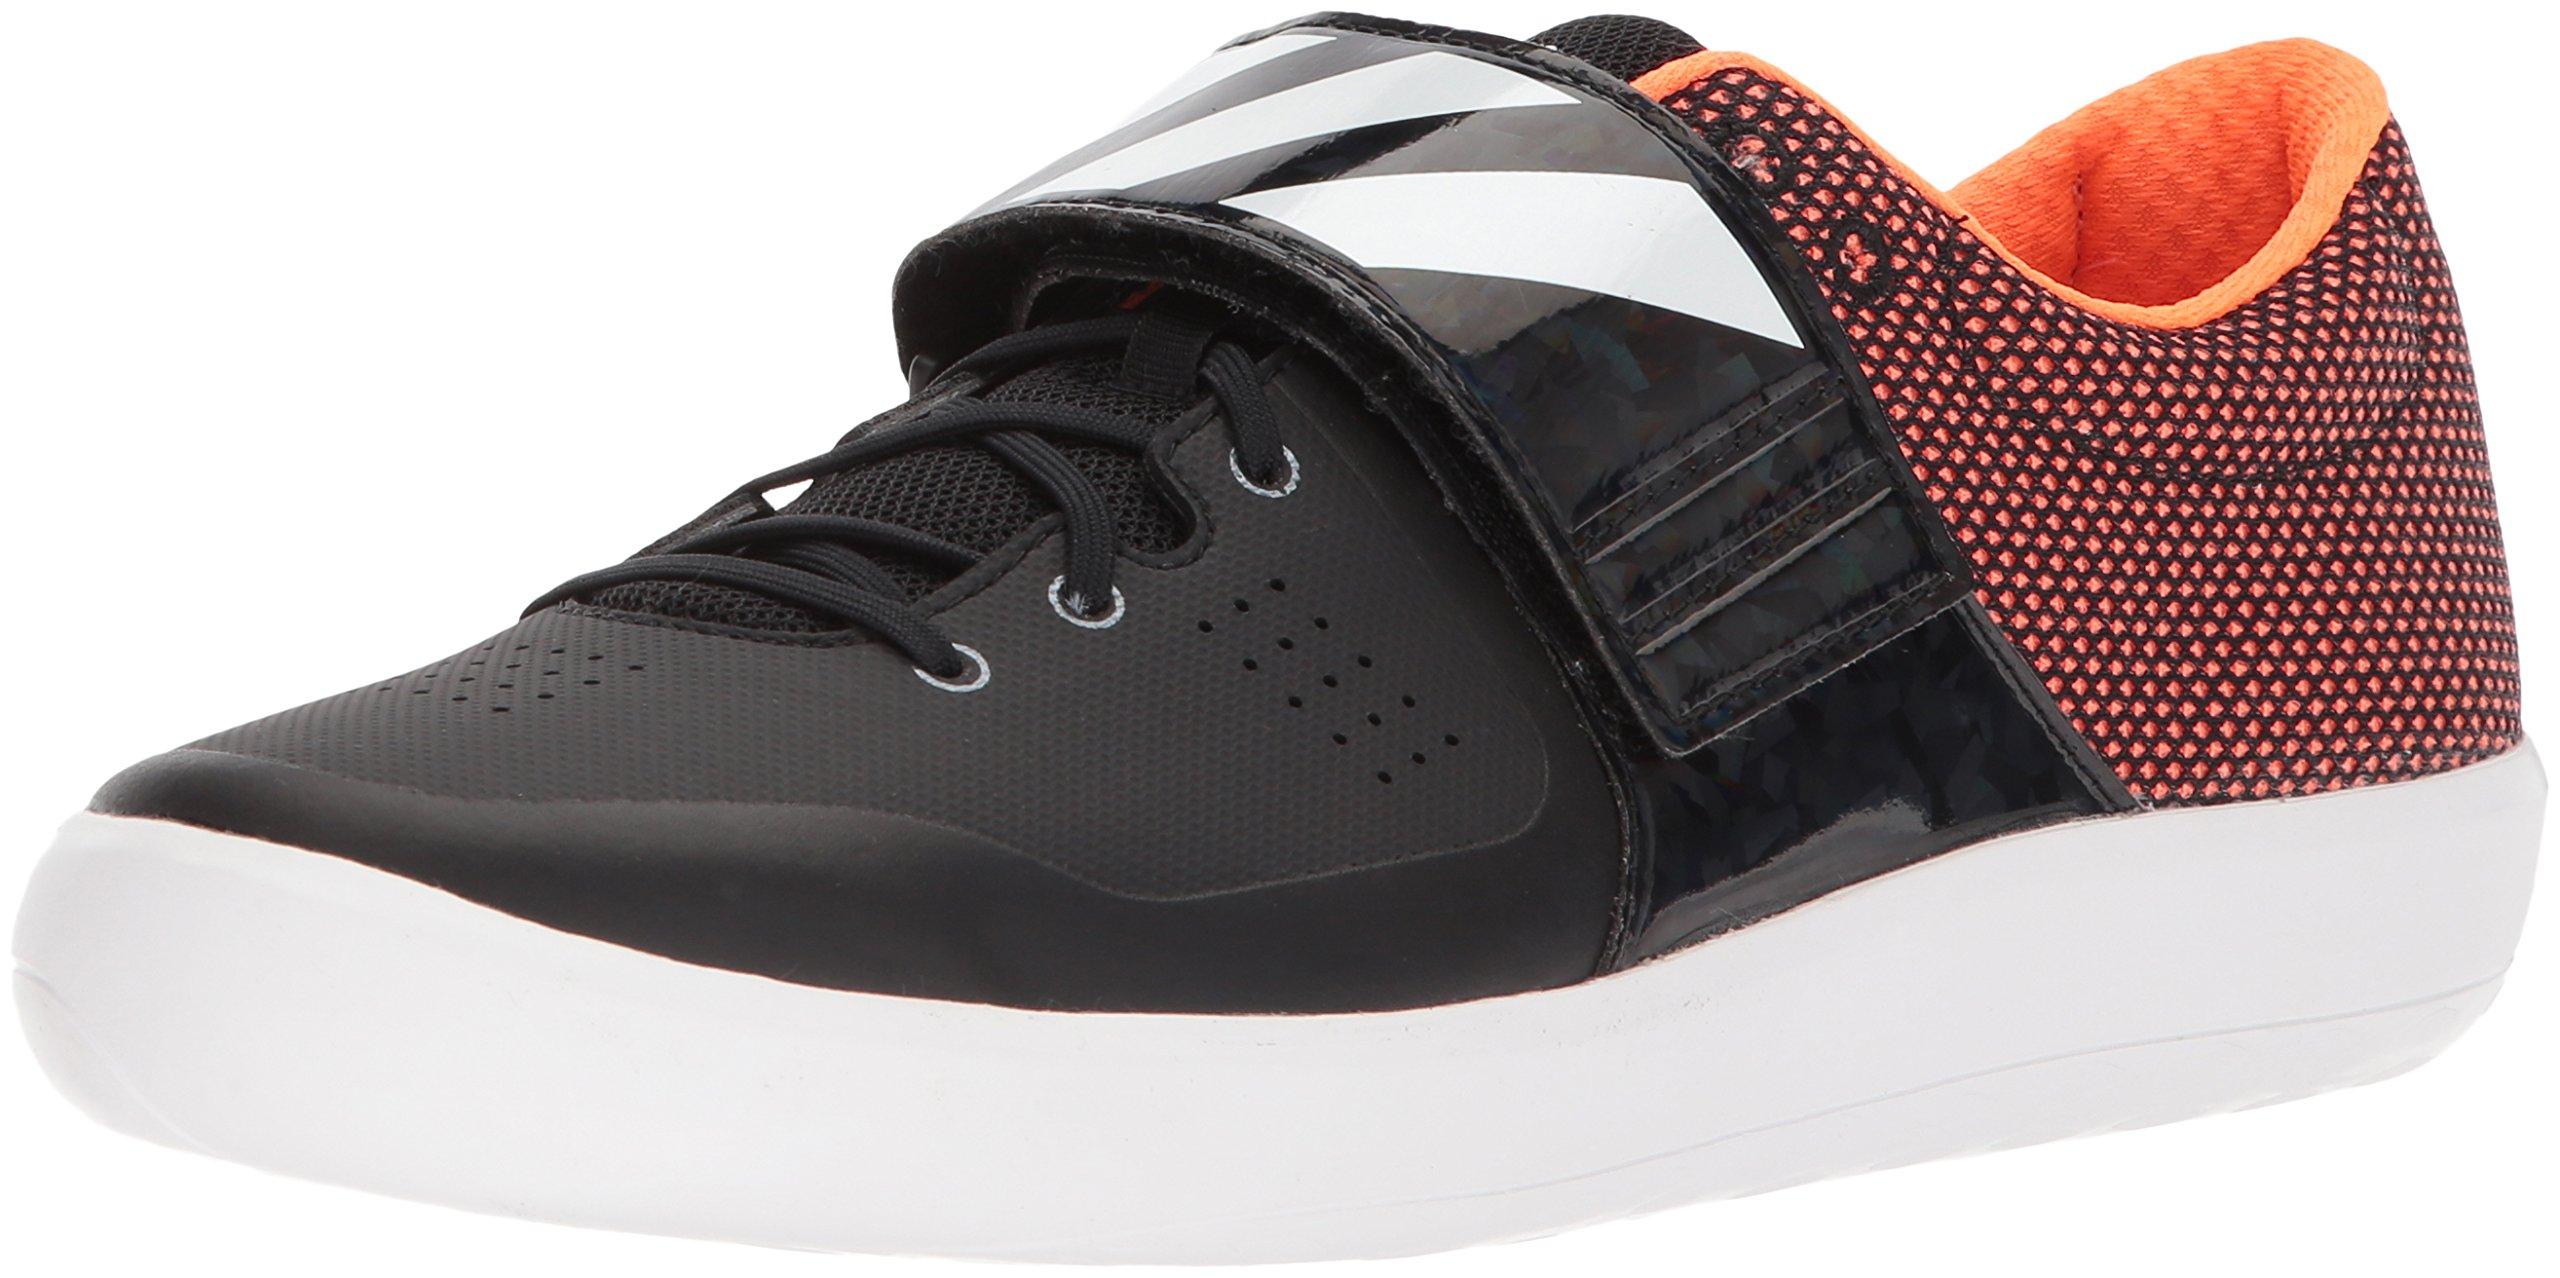 adidas Adizero Shotput Running Shoe, Core